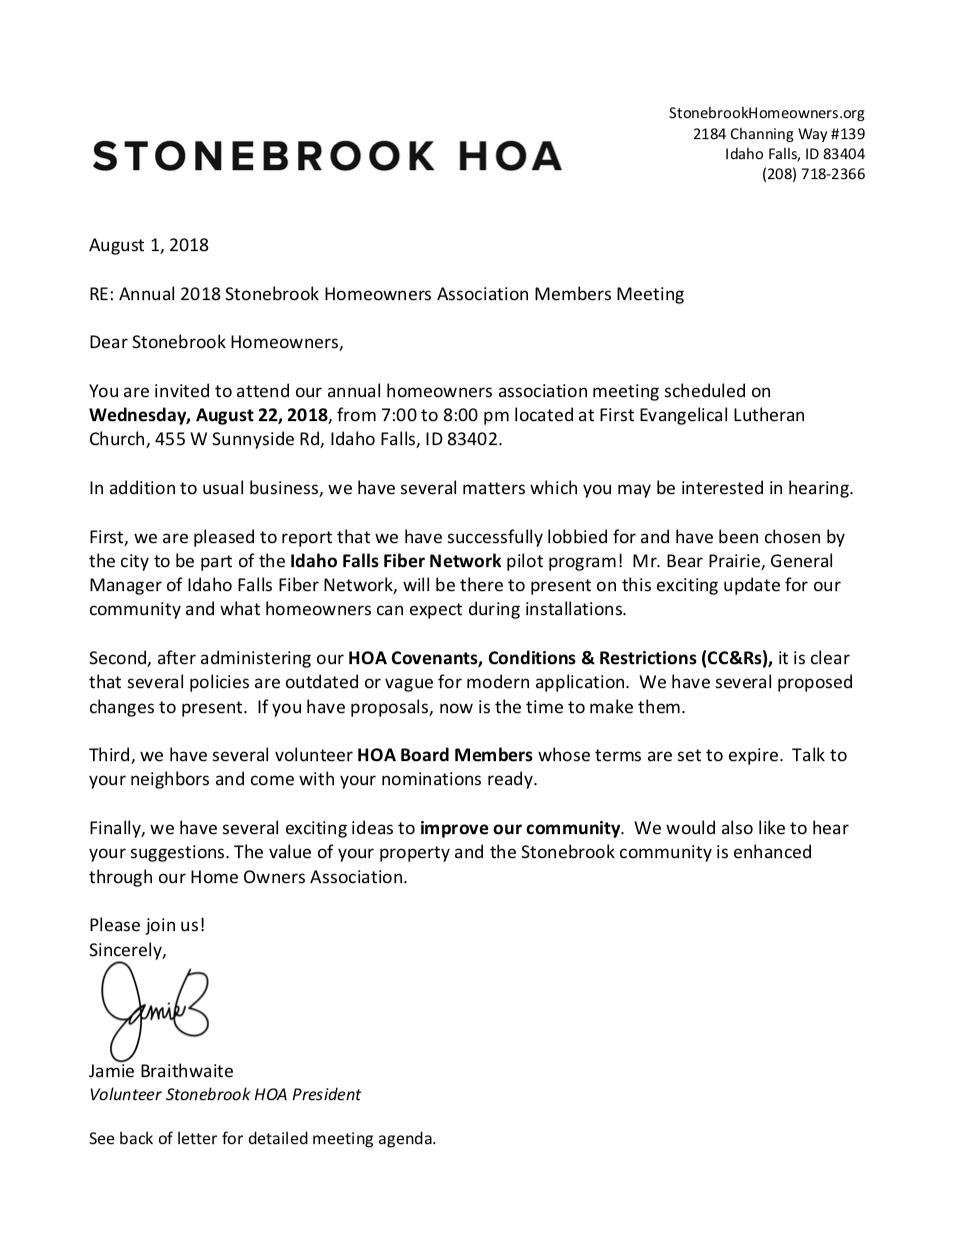 SBHA President Letter August 2018 — Stonebrook HOA